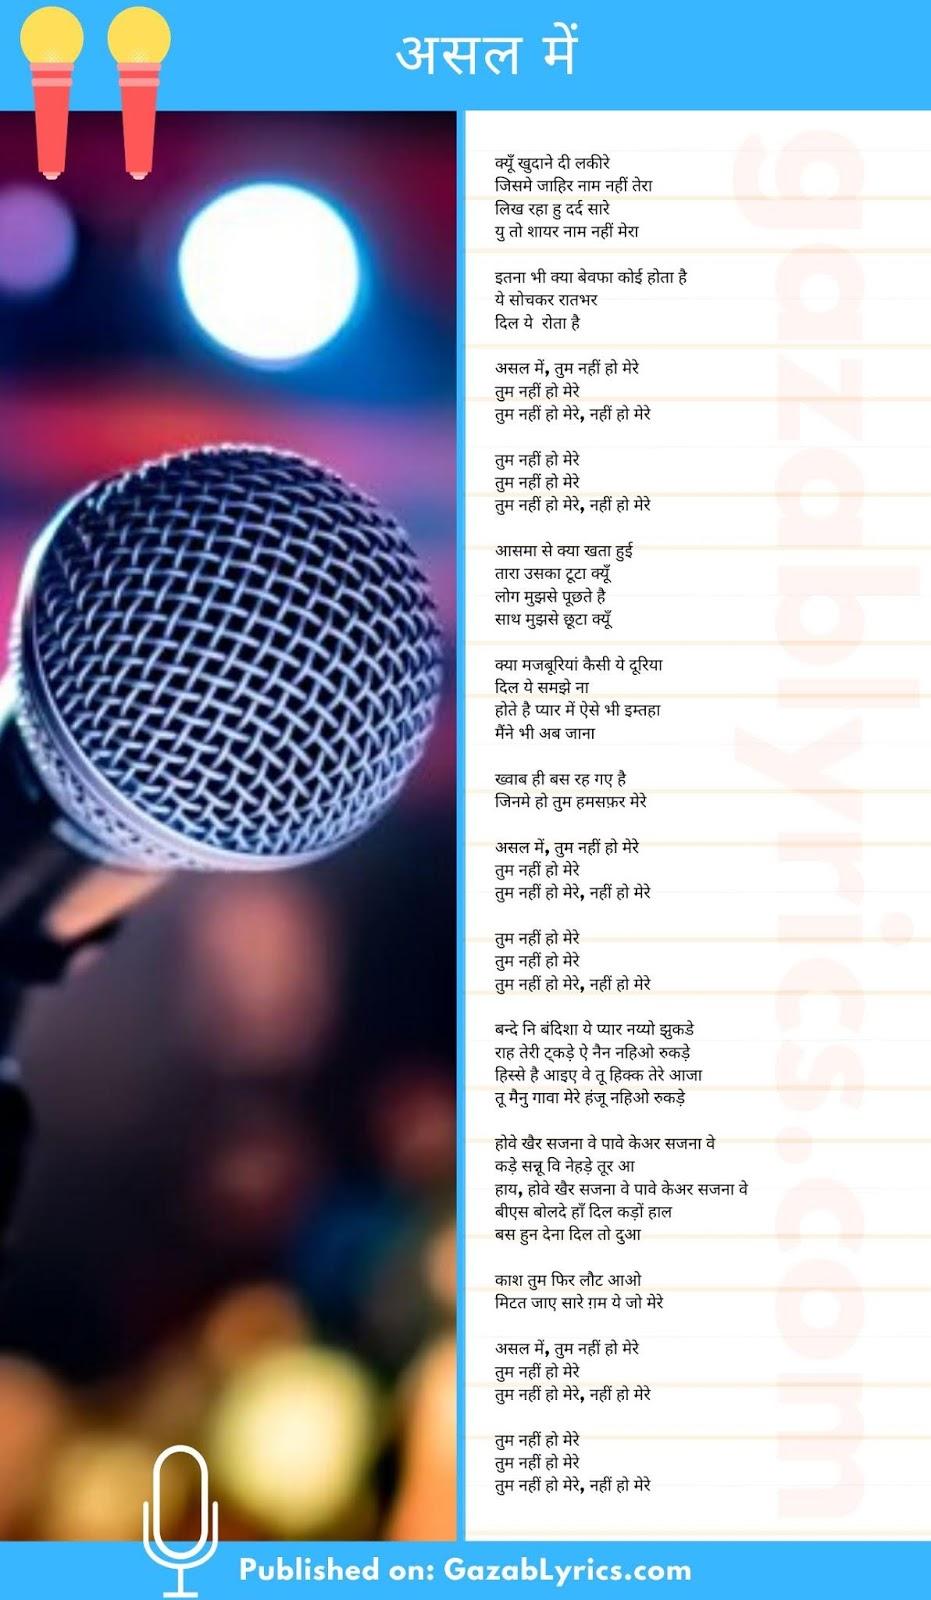 Asal Mein song lyrics image